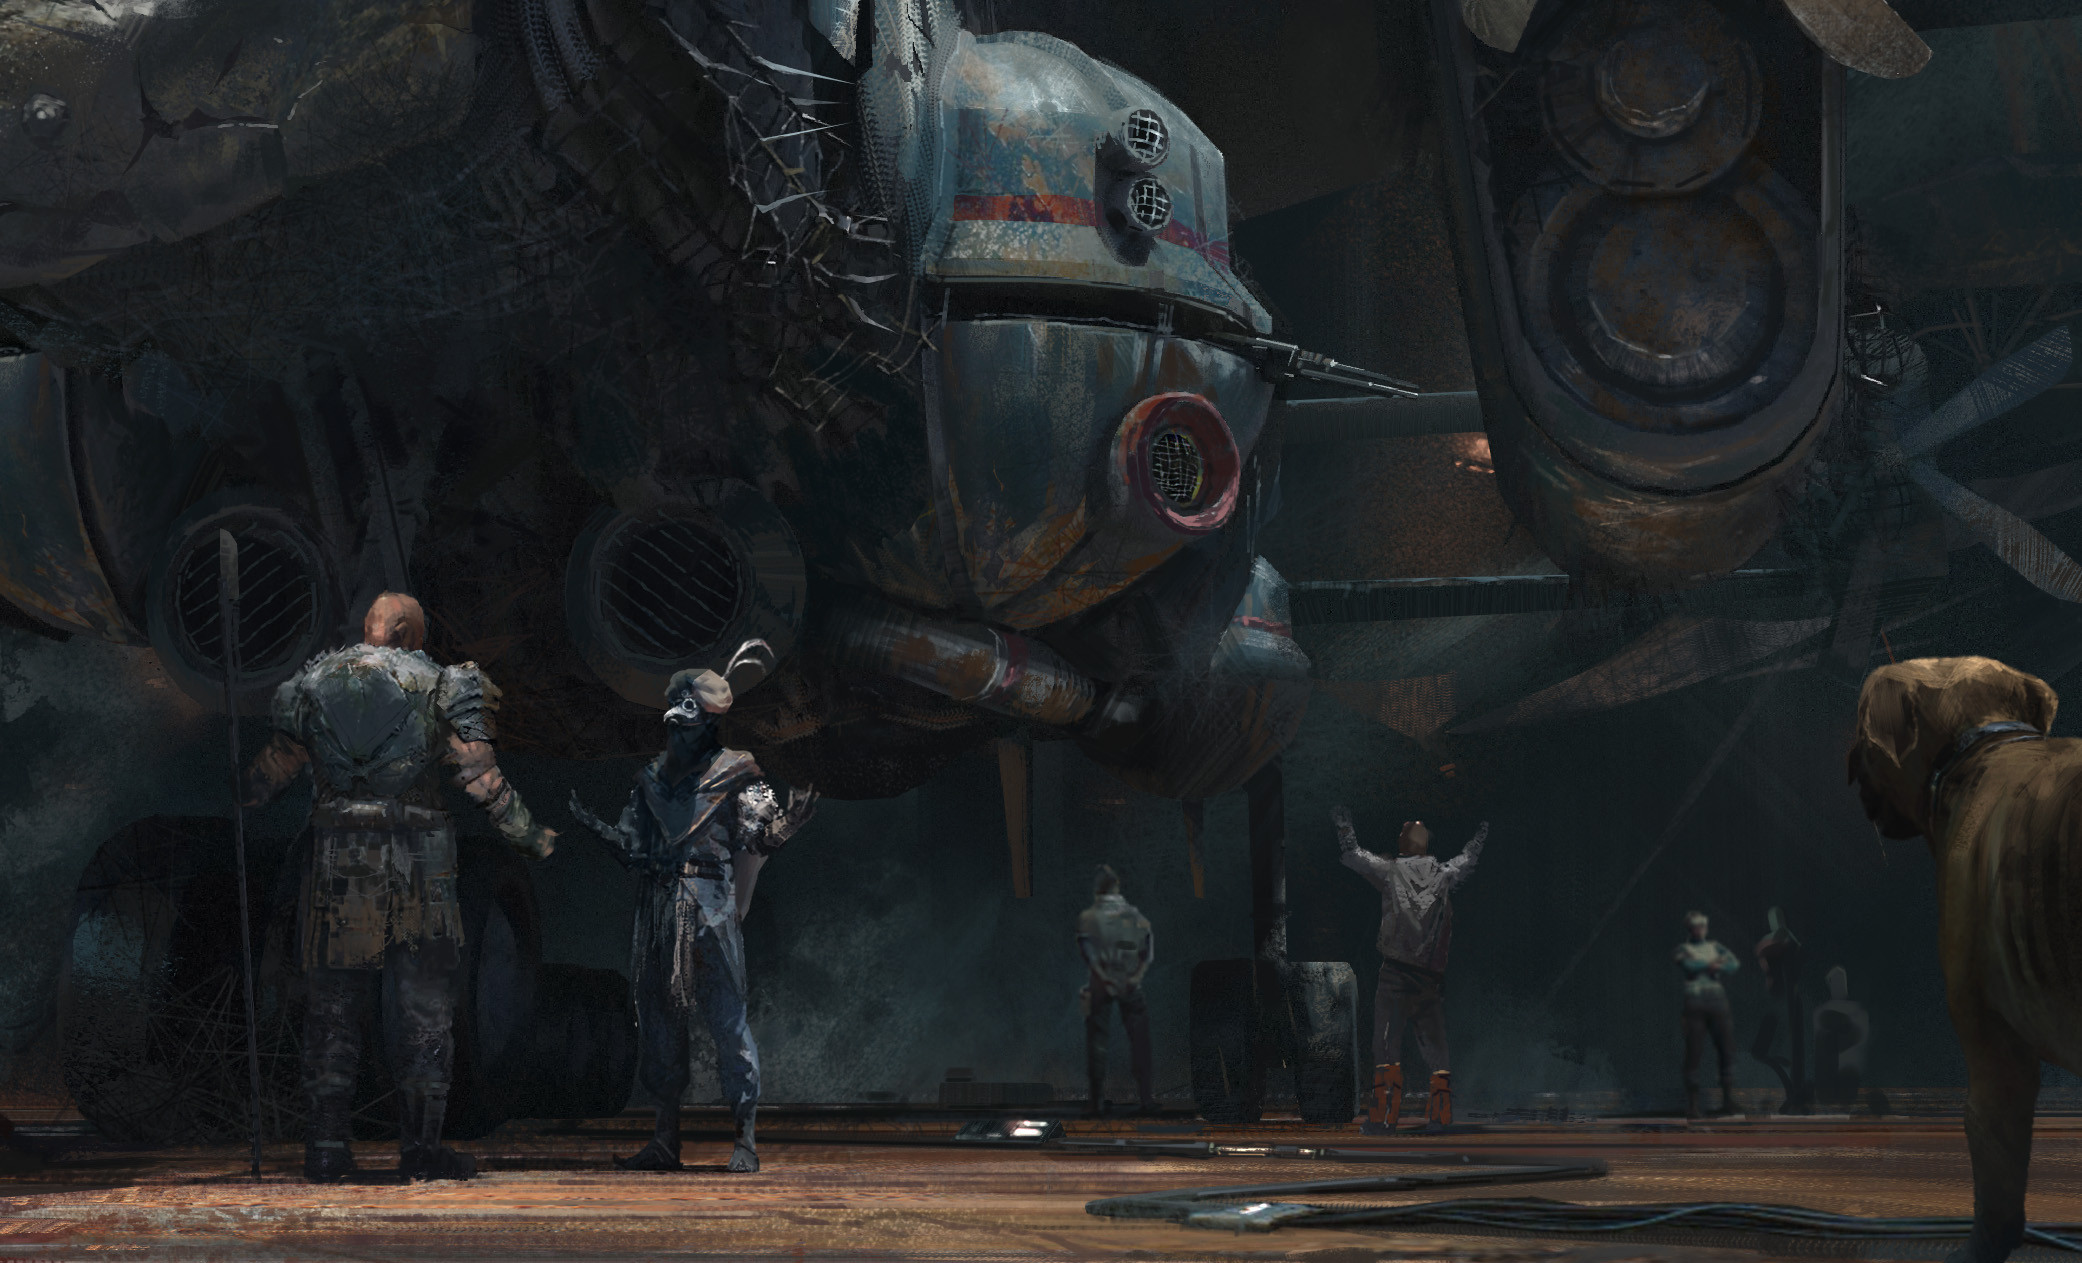 The Superb Sci-Fi Artworks of Zhu Liu